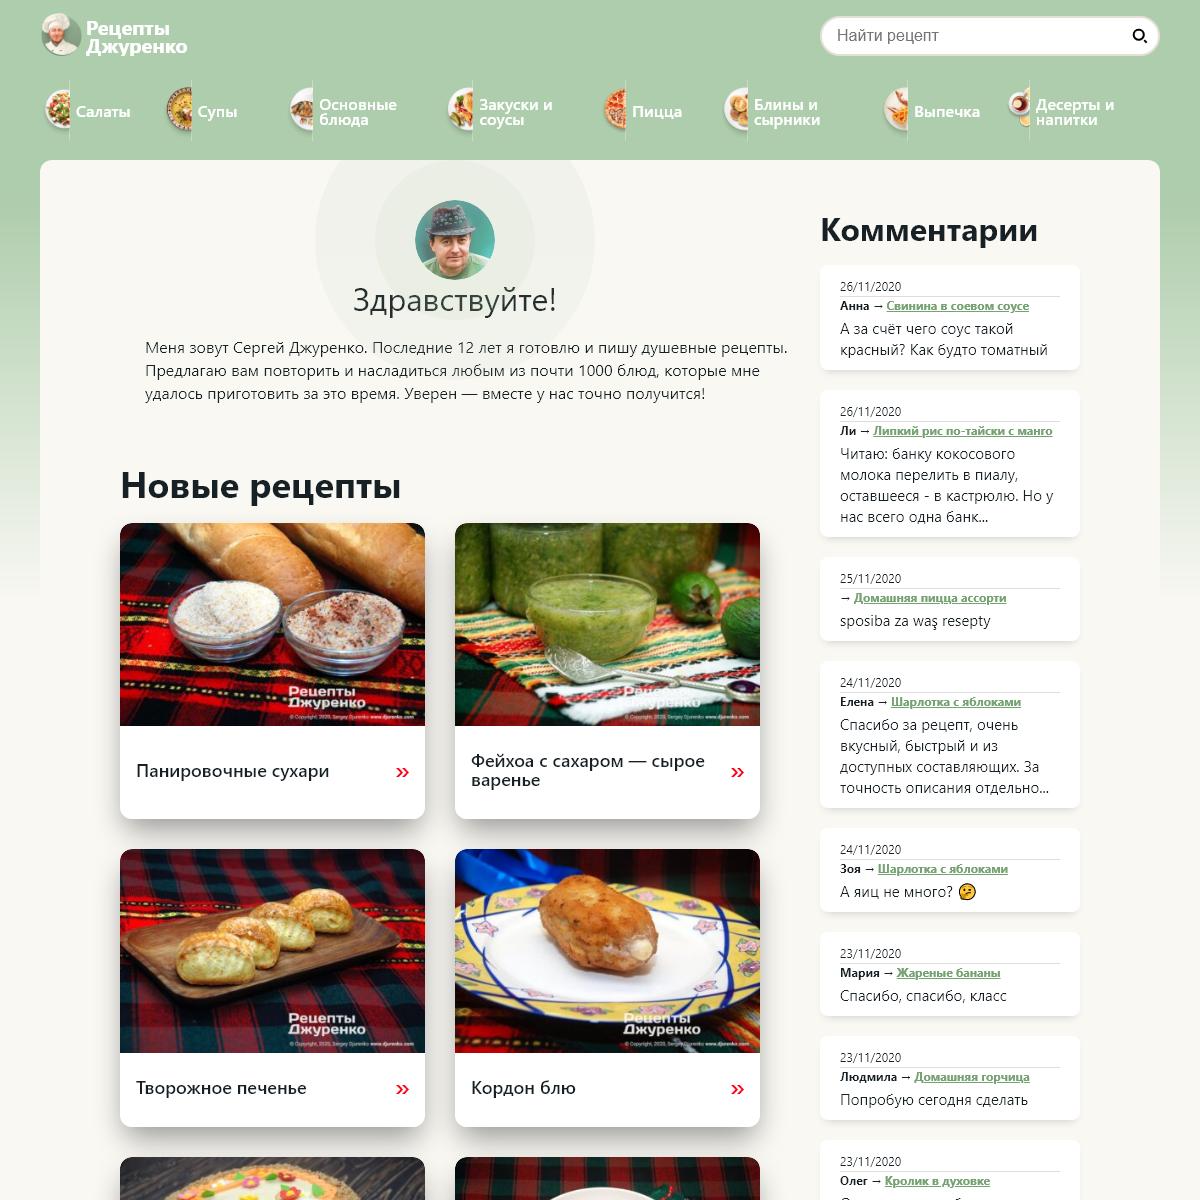 Рецепты Джуренко